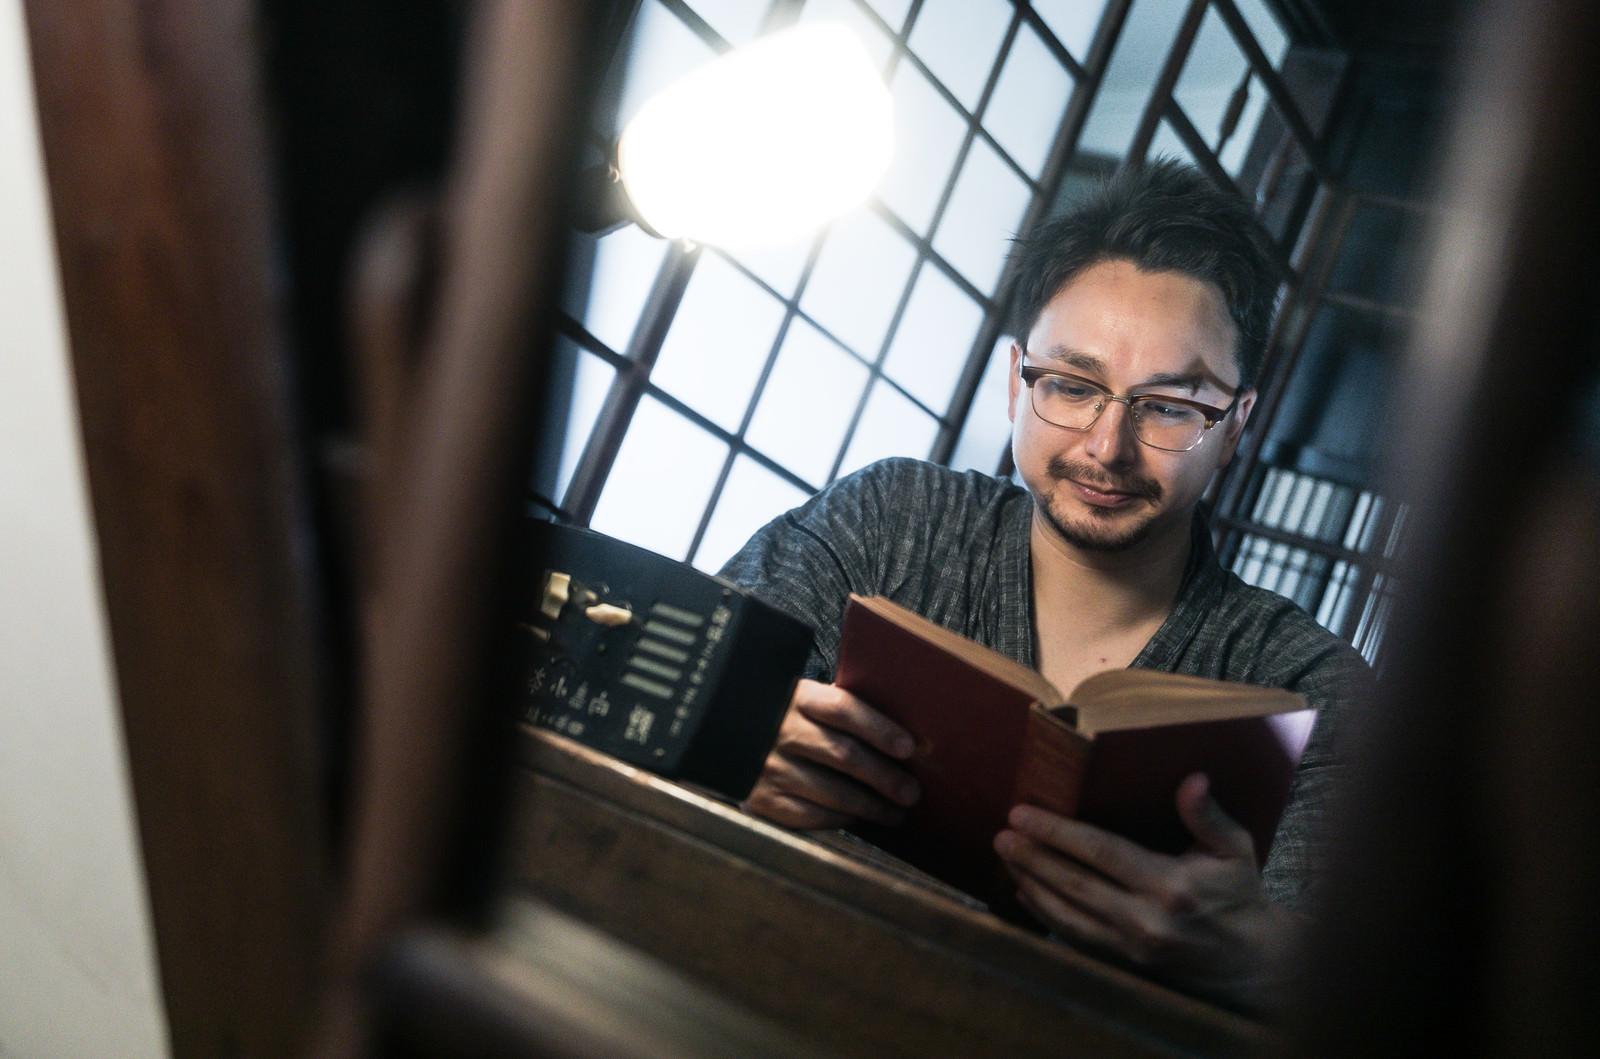 「古民家で読書に勤しむ外国人」の写真[モデル:Max_Ezaki]